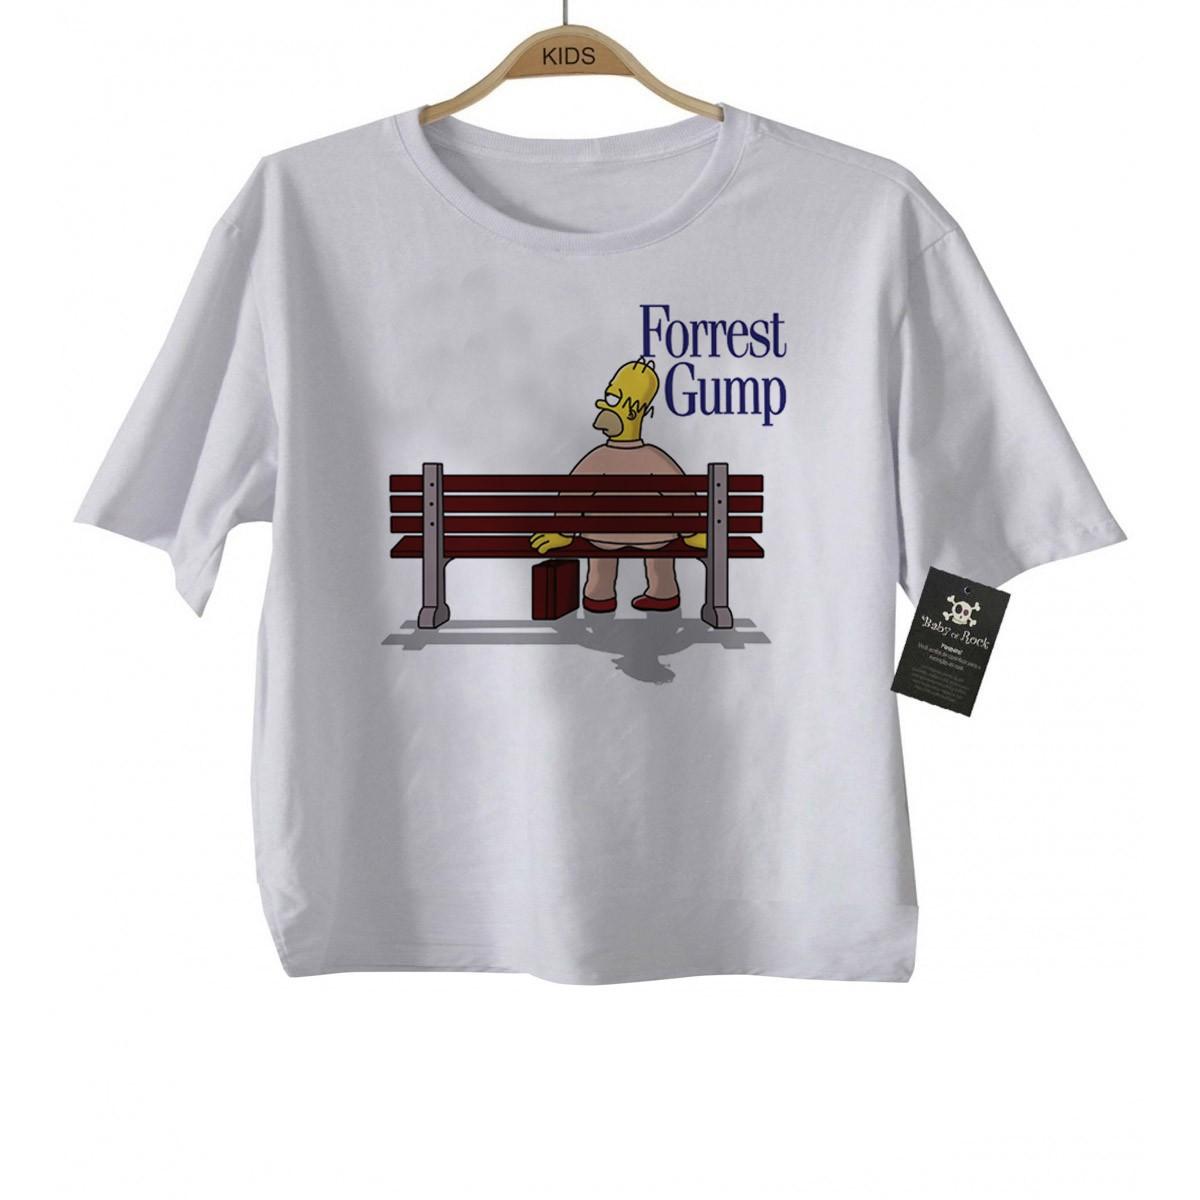 Camiseta de Filme Infantil - Forrest Gump - White  - Baby Monster - Body Bebe